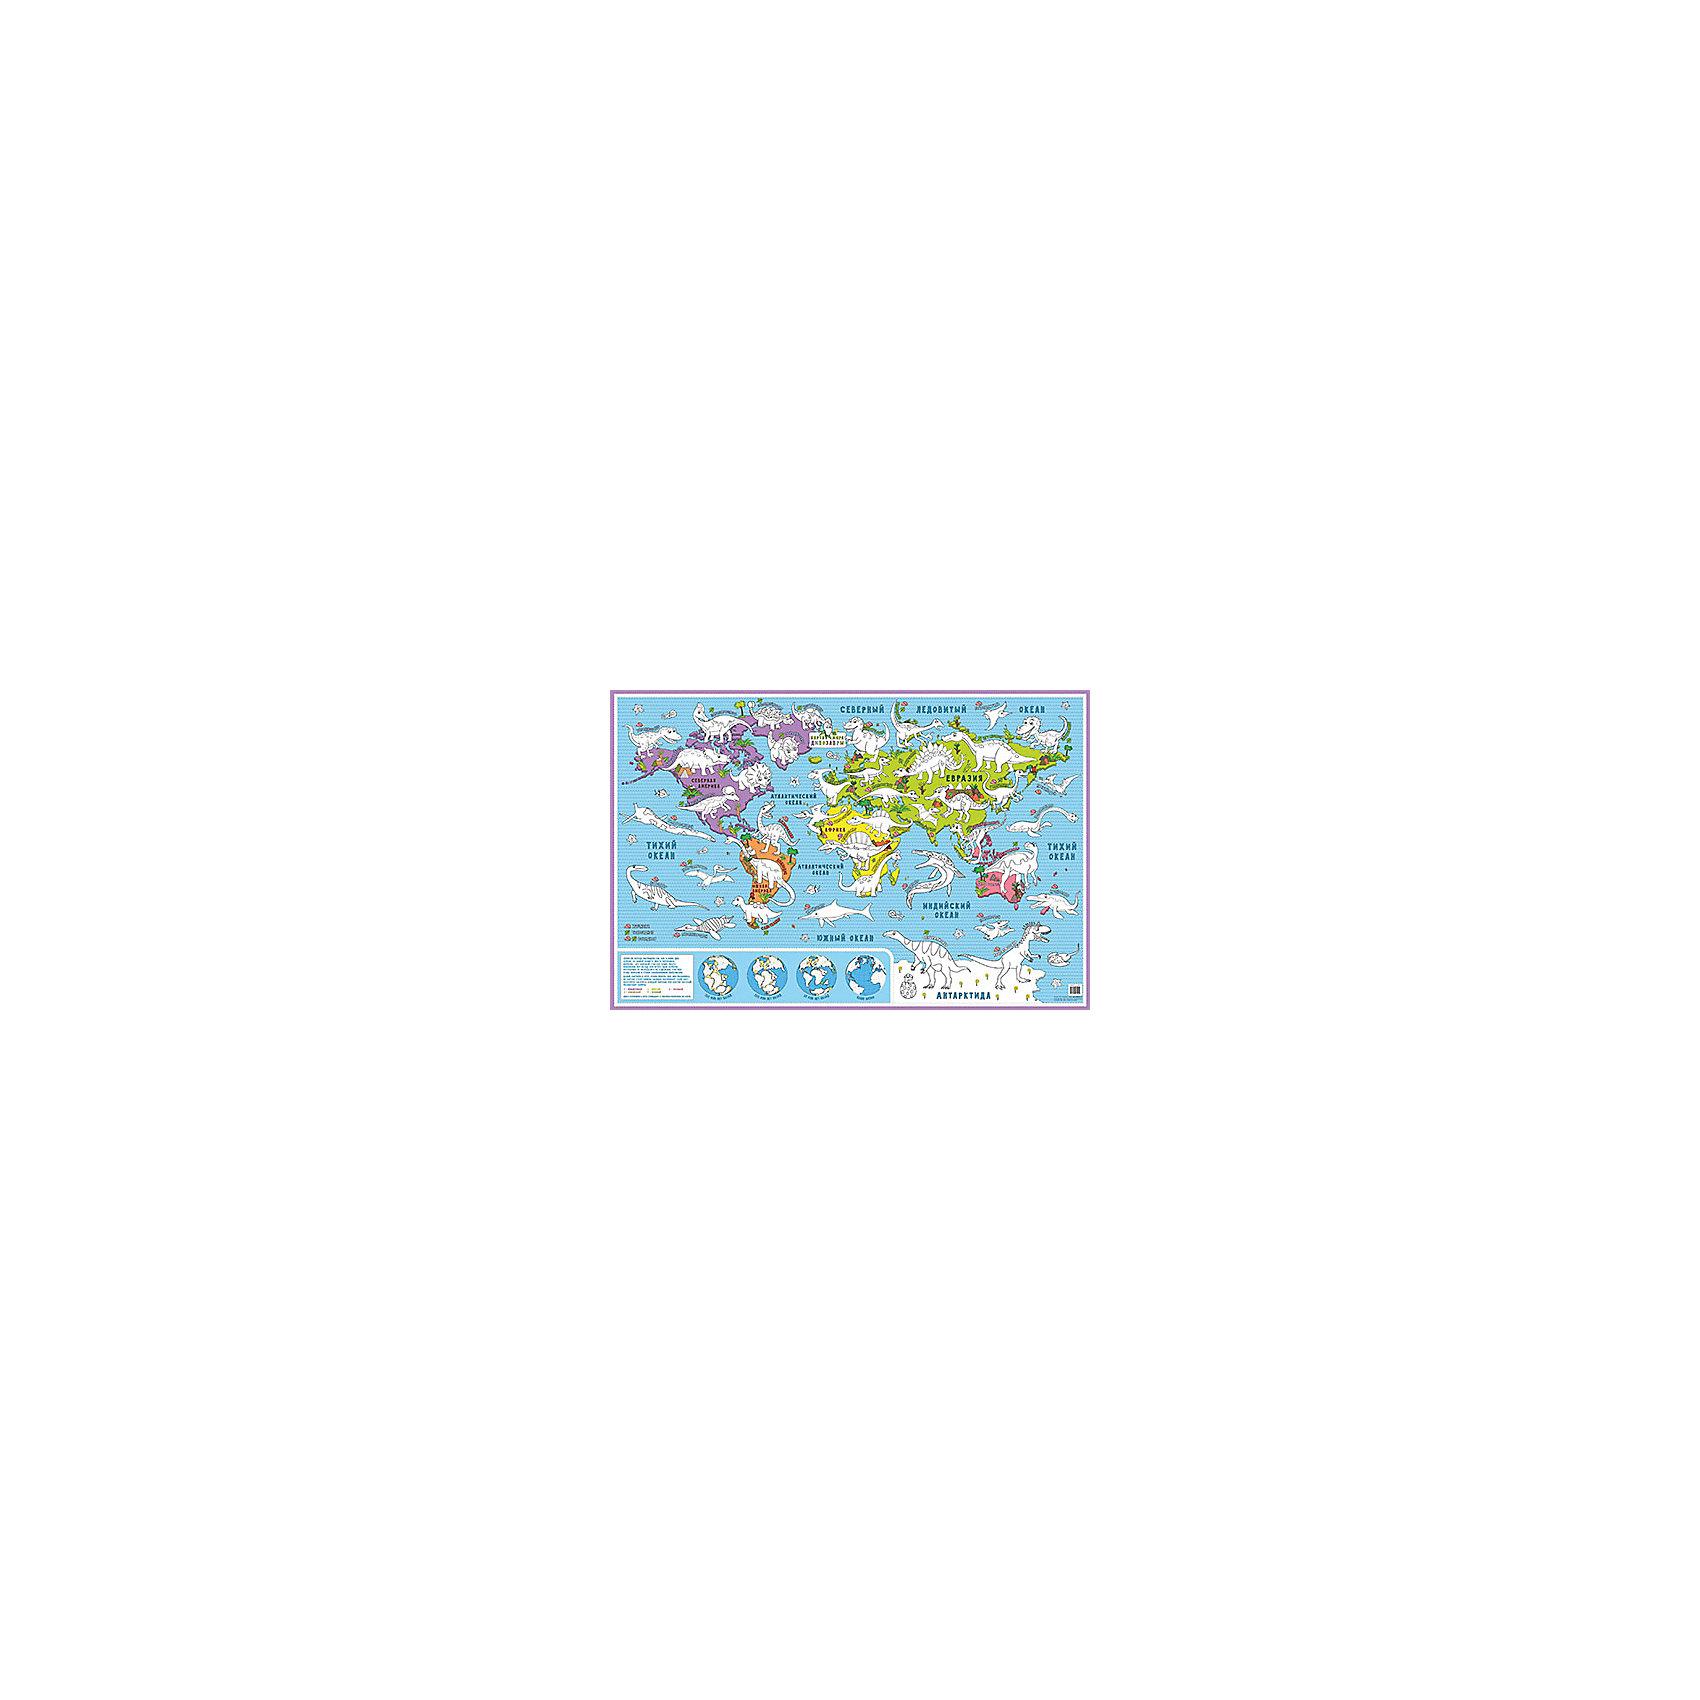 Карта-раскраска настенная карта мира ДинозаврыКарта-раскраска настенная карта мира Динозавры.<br><br>Характеристики:<br><br>• яркий дизайн<br>• подходит для обучения<br>• упаковка: тубус<br>• размер карты: 60х90 см<br>• вес: 100 грамм<br><br>Карта-раскраска Динозавры познакомит ребенка с доисторическими обитателями нашей планеты. В процессе обучения ребенку предстоит раскрасить динозавров и, конечно же, запомнить их названия. Каждый динозавр изображен на континенте, соответствующем его обитанию. Такая увлекательная раскраска поможет развить кругозор ребенка, а готовая работа украсит детскую комнату!<br><br>Карту-раскраску настенная карта мира Динозавры вы можете купить в нашем интернет-магазине.<br><br>Ширина мм: 60<br>Глубина мм: 90<br>Высота мм: 0<br>Вес г: 100<br>Возраст от месяцев: 72<br>Возраст до месяцев: 108<br>Пол: Унисекс<br>Возраст: Детский<br>SKU: 5124688